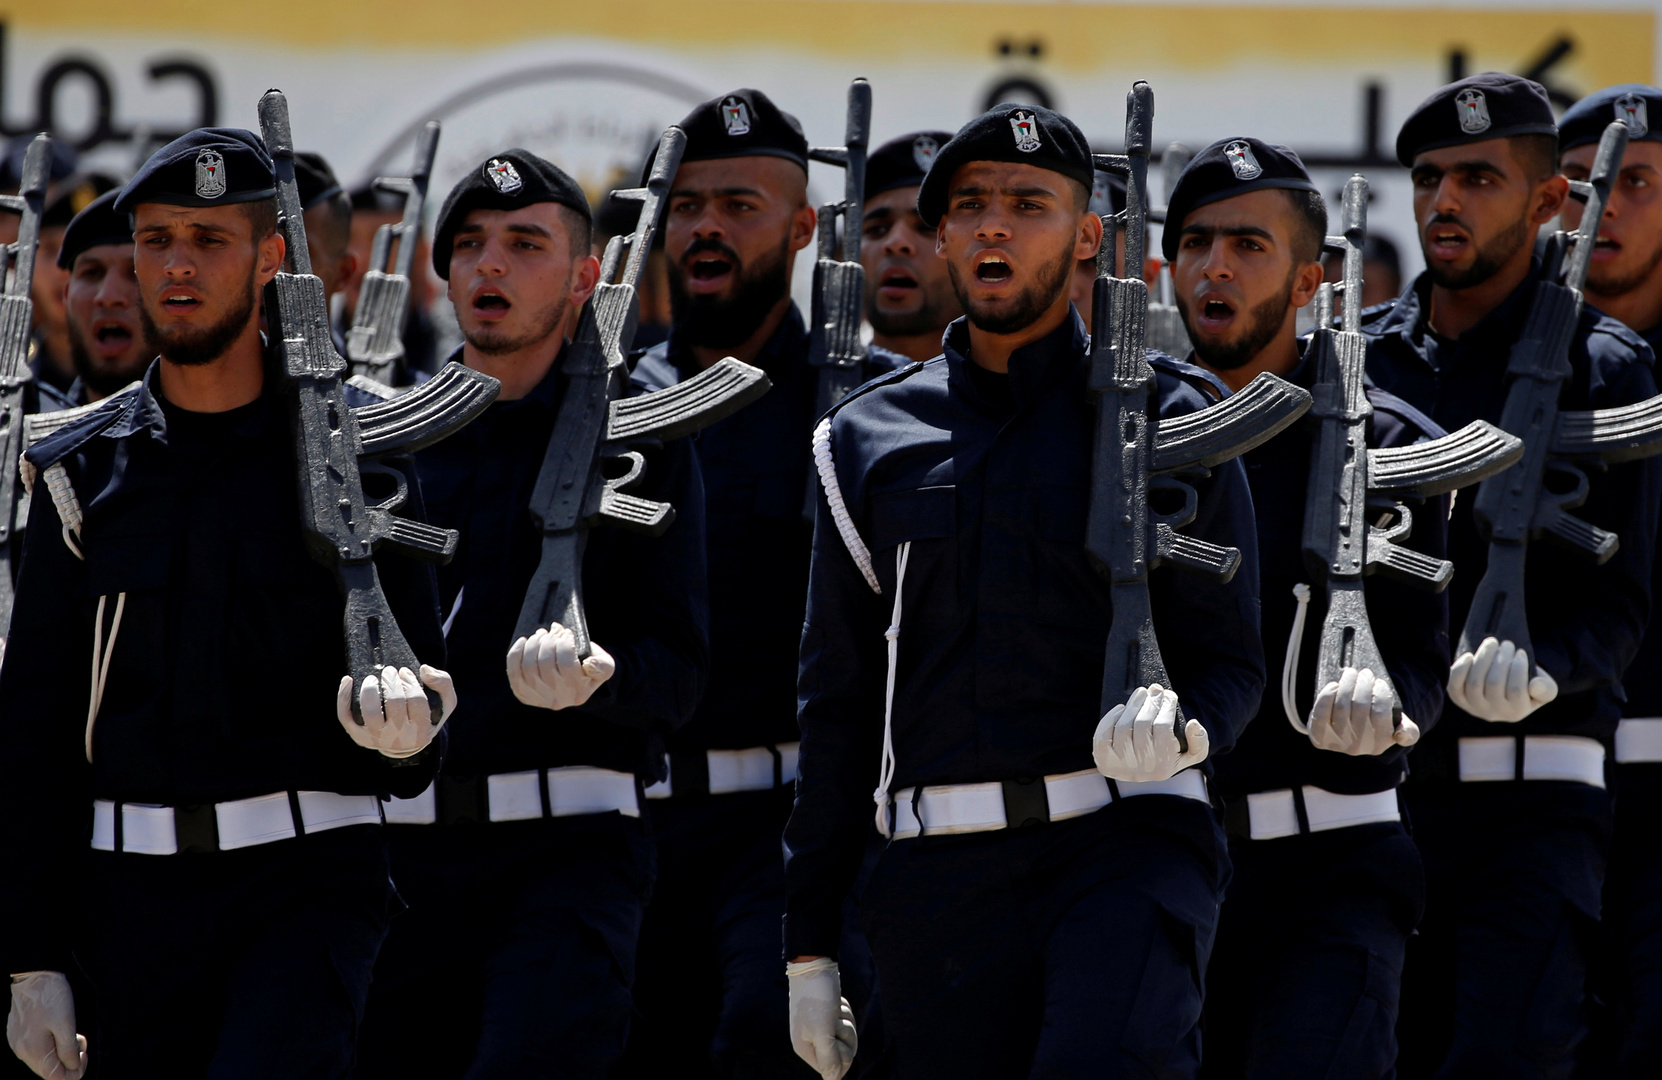 الشرطة الفلسطينية في قطاع غزة